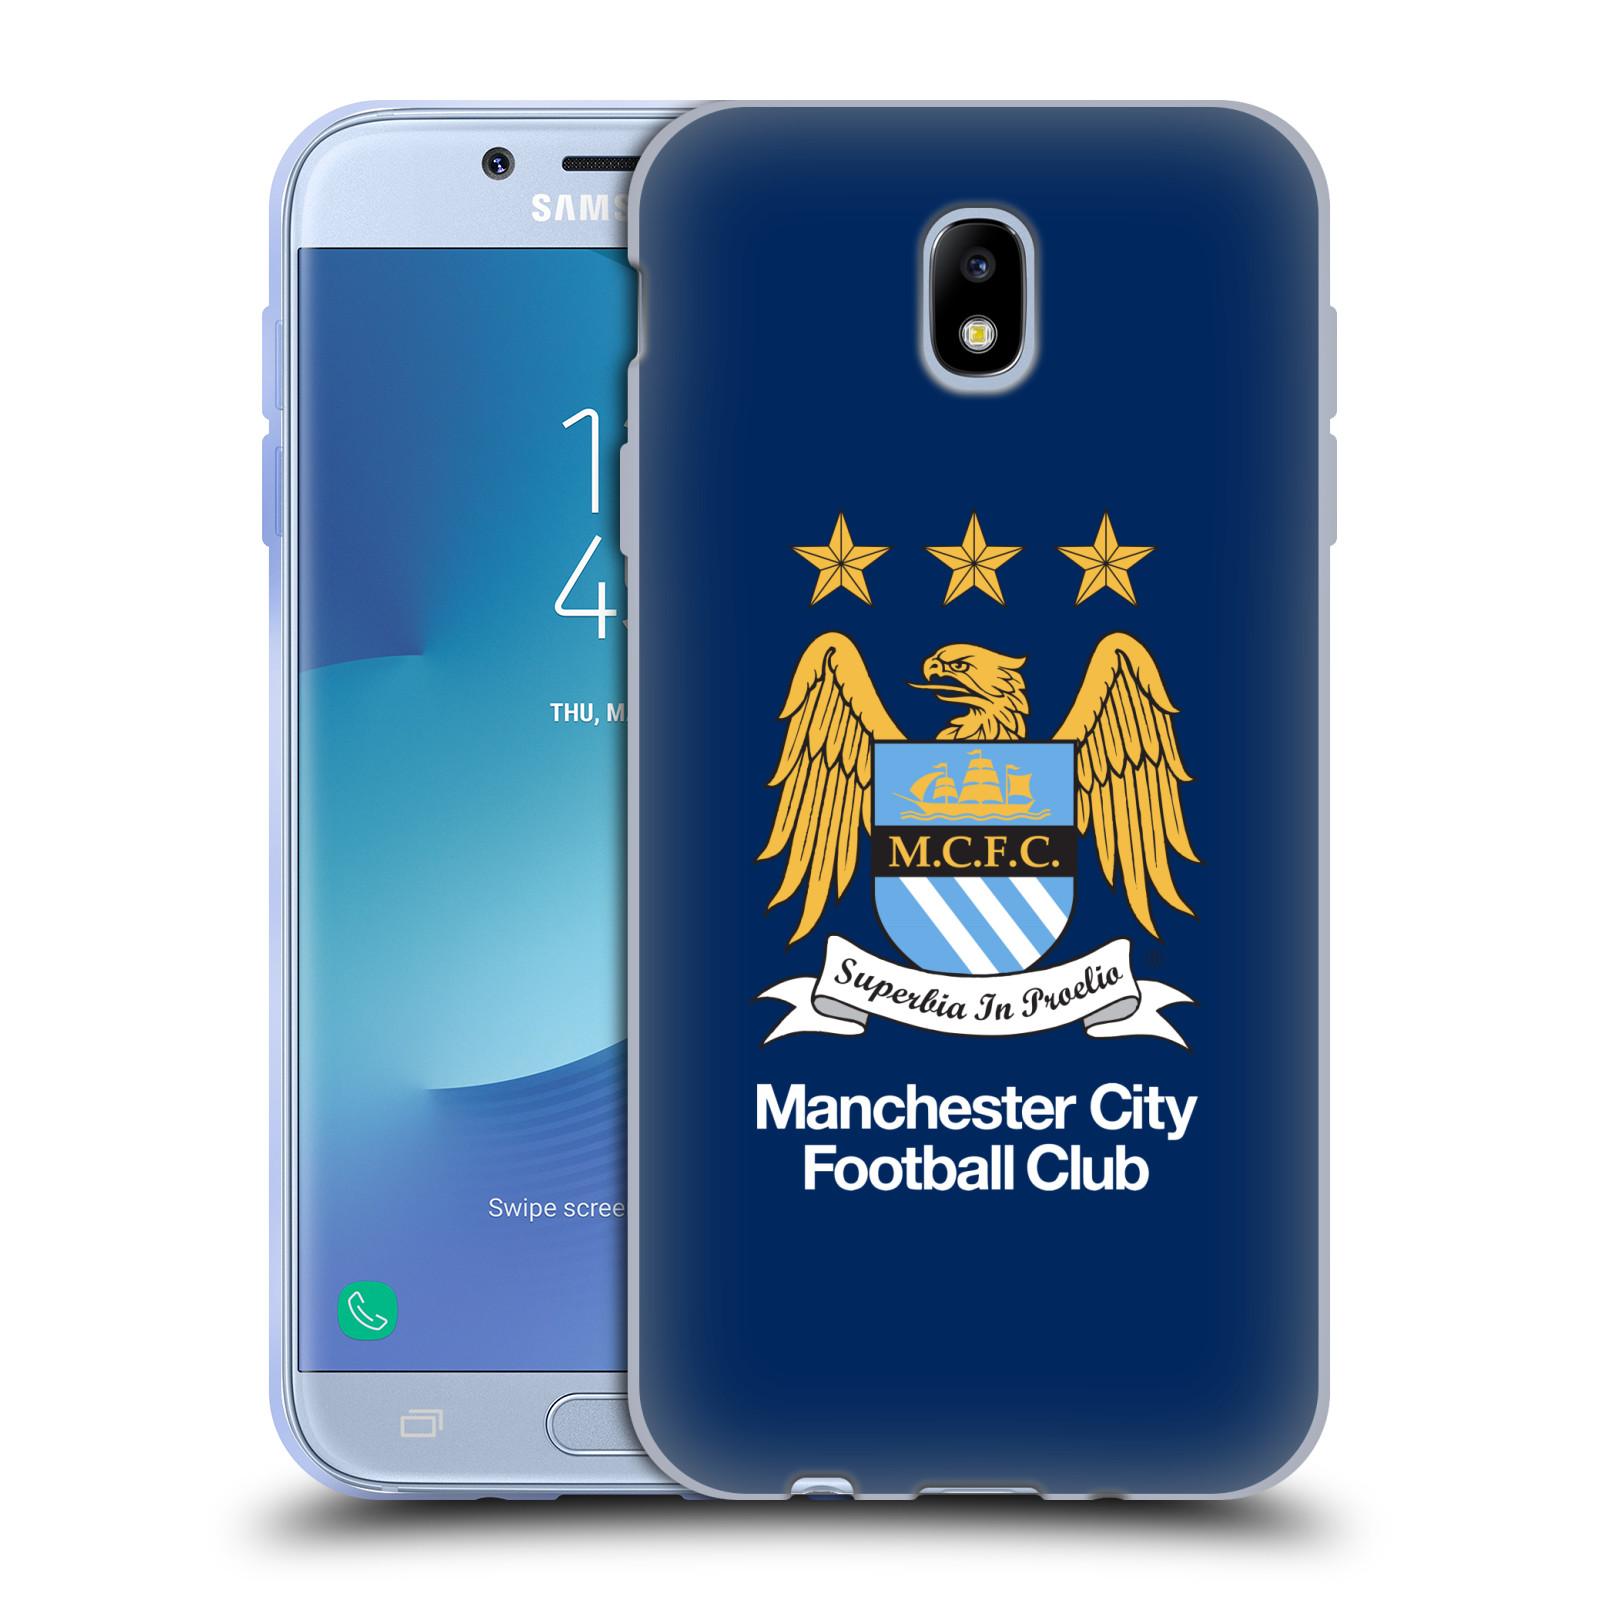 HEAD CASE silikonový obal na mobil Samsung Galaxy J7 2017 Fotbalový klub Manchester City modré pozadí velký znak